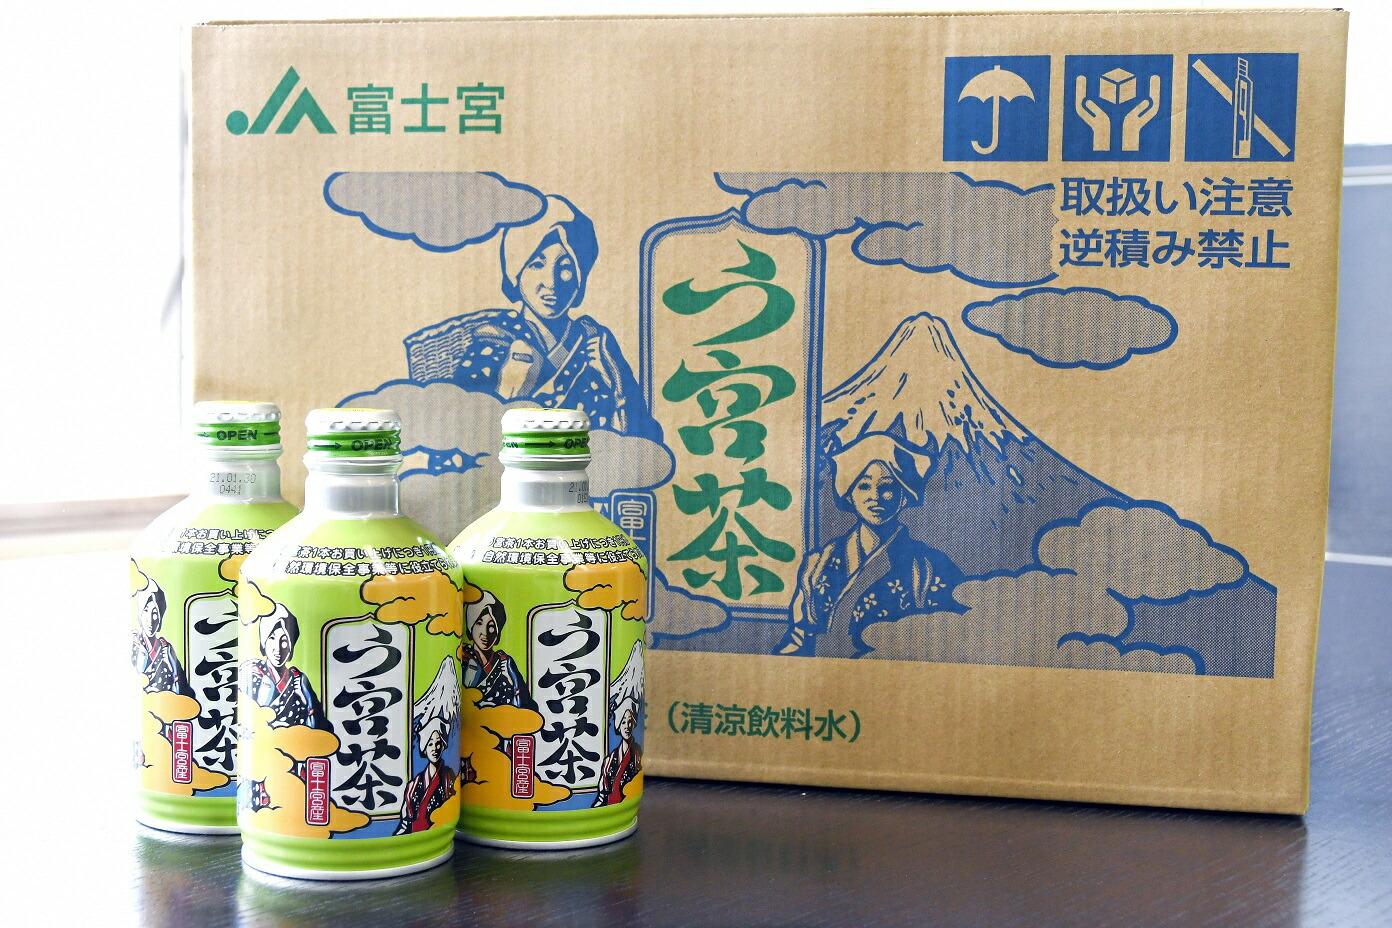 【ふるさと納税】緑茶「う宮茶」48本セット 静岡県富士宮市 ★売上の一部が「世界遺産・富士山」に活用されます★